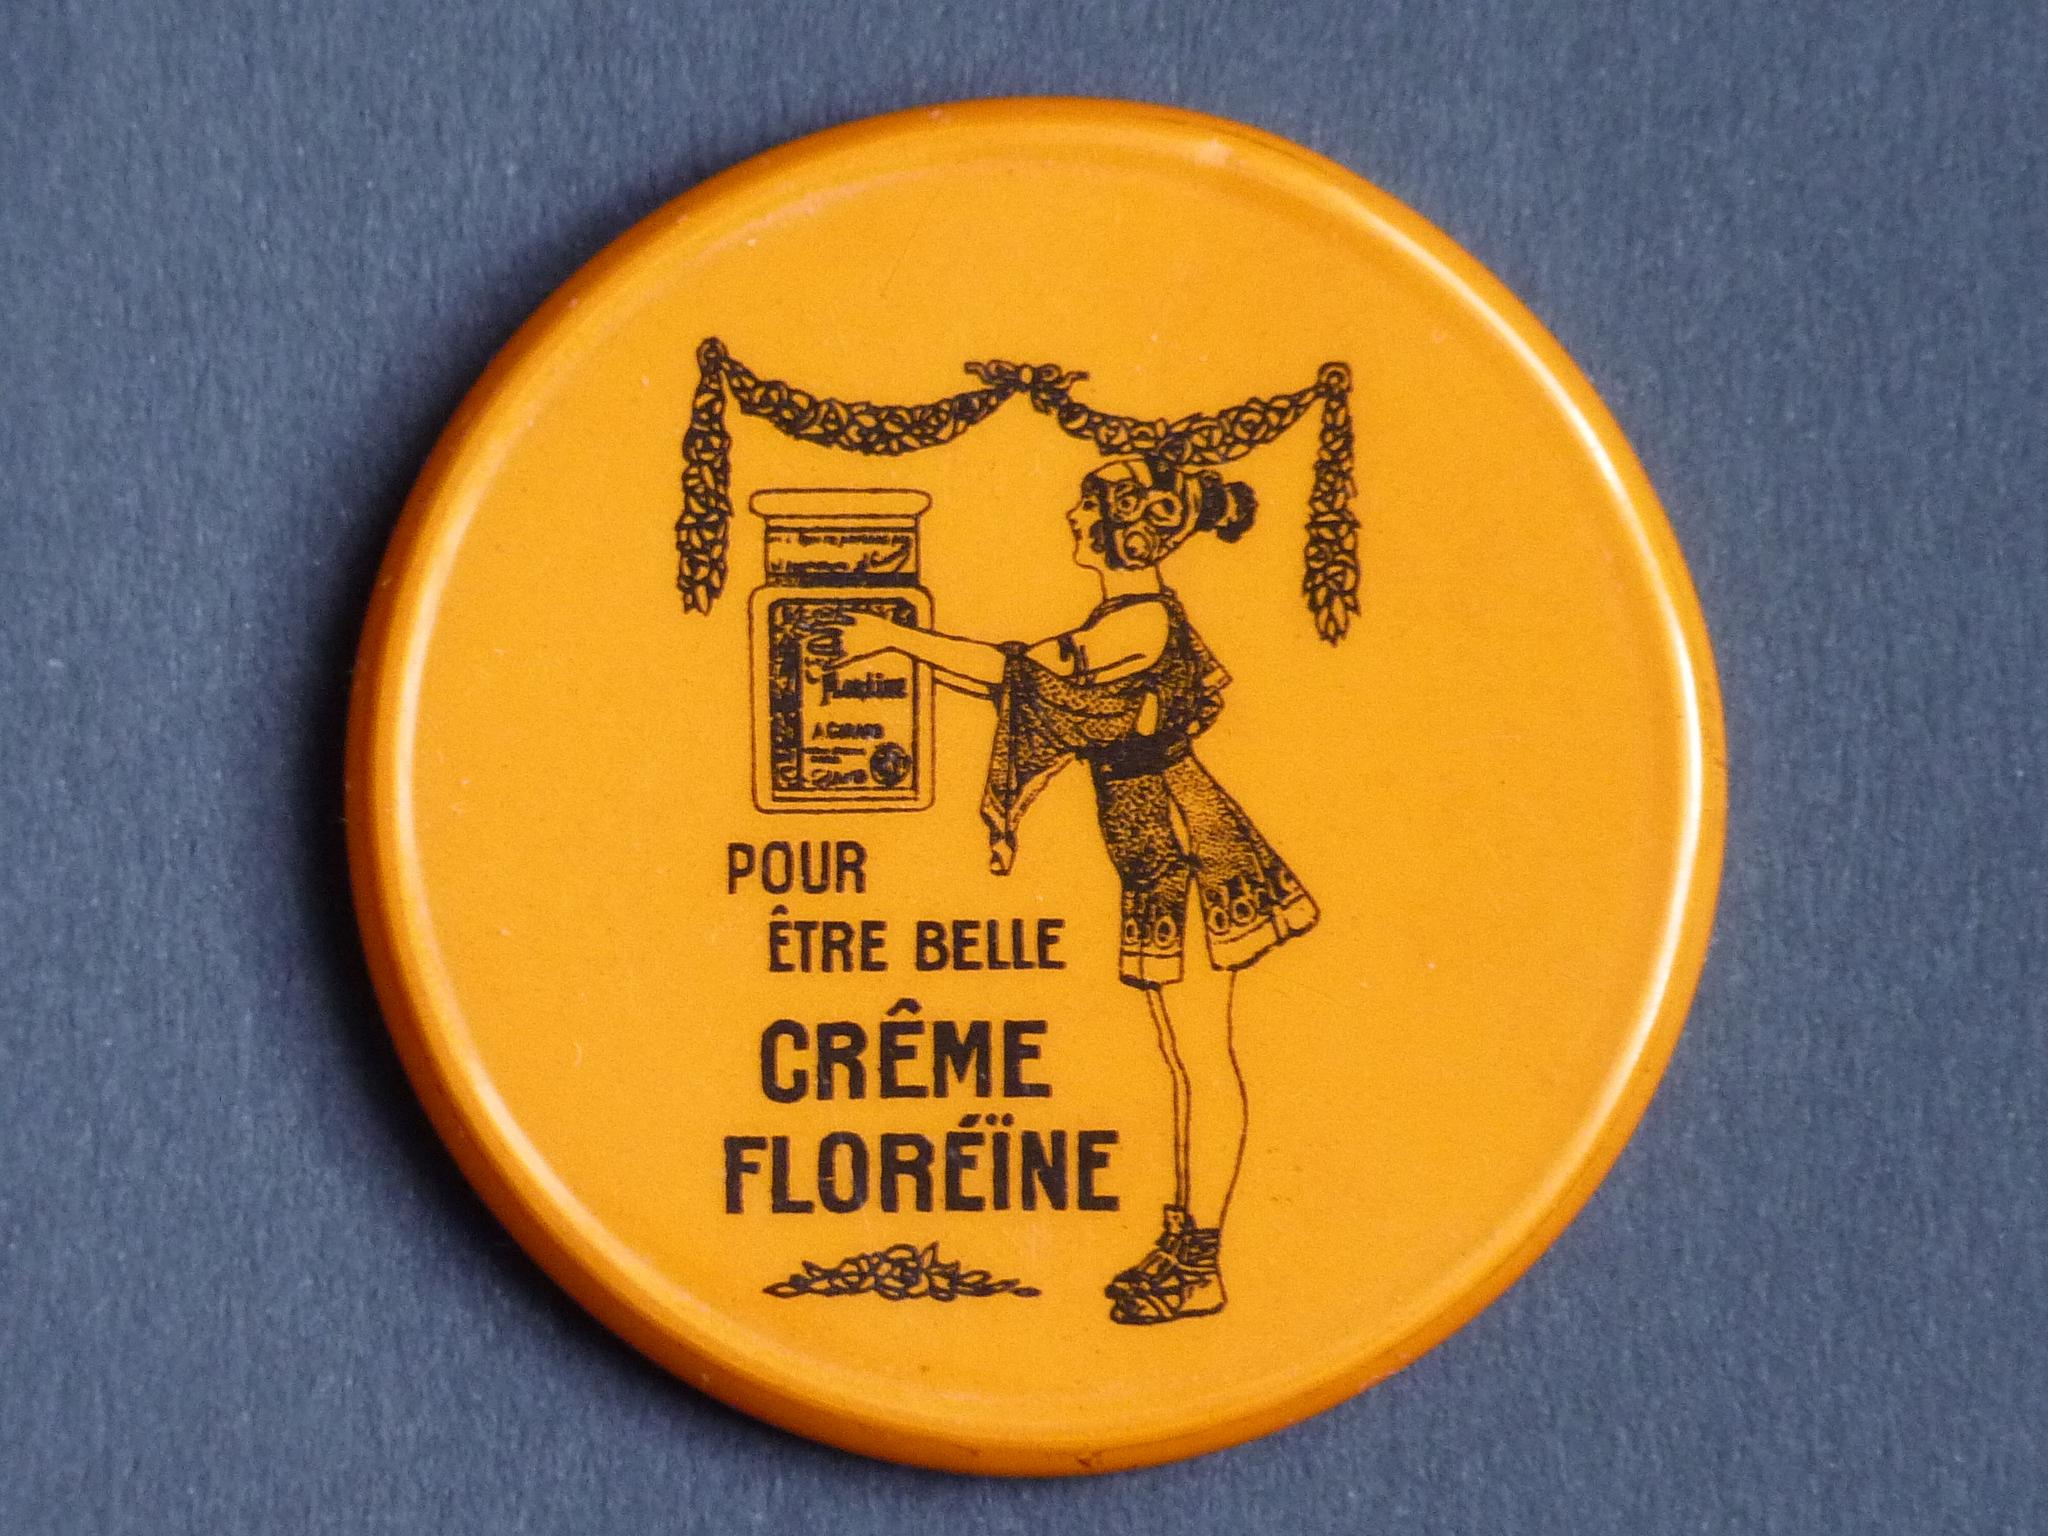 En bon tat for Miroir publicitaire